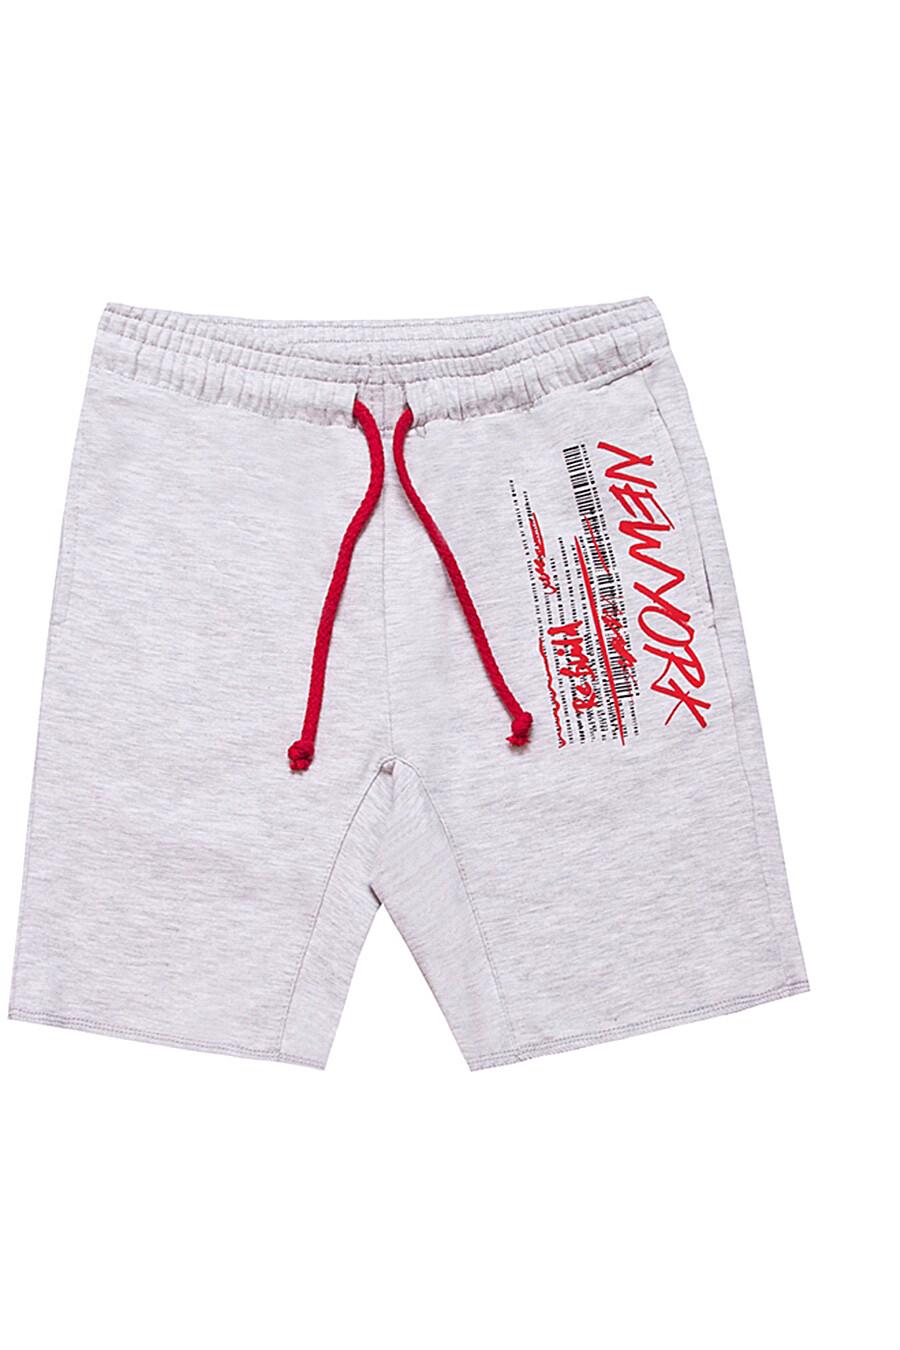 Шорты для мальчиков АПРЕЛЬ 700239 купить оптом от производителя. Совместная покупка детской одежды в OptMoyo